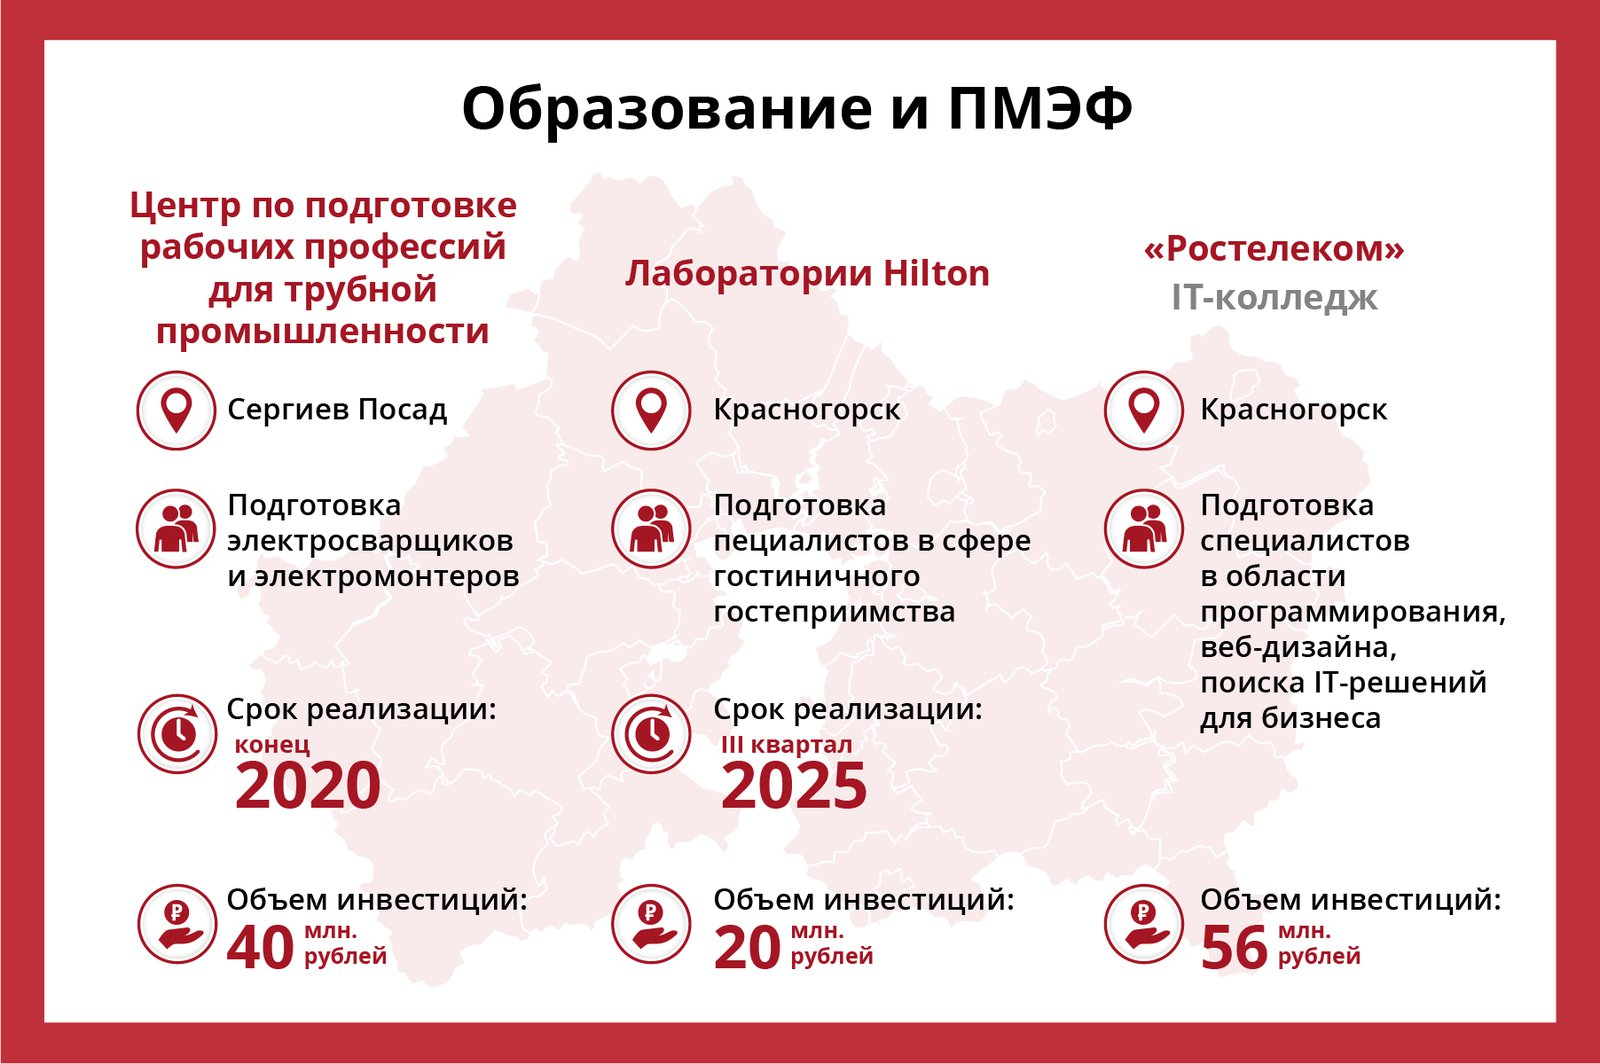 Андрей Воробьев губернатор московской области - Миллиарды инвестиций, тысячи рабочих мест: итоги первого дня ПМЭФ-2019